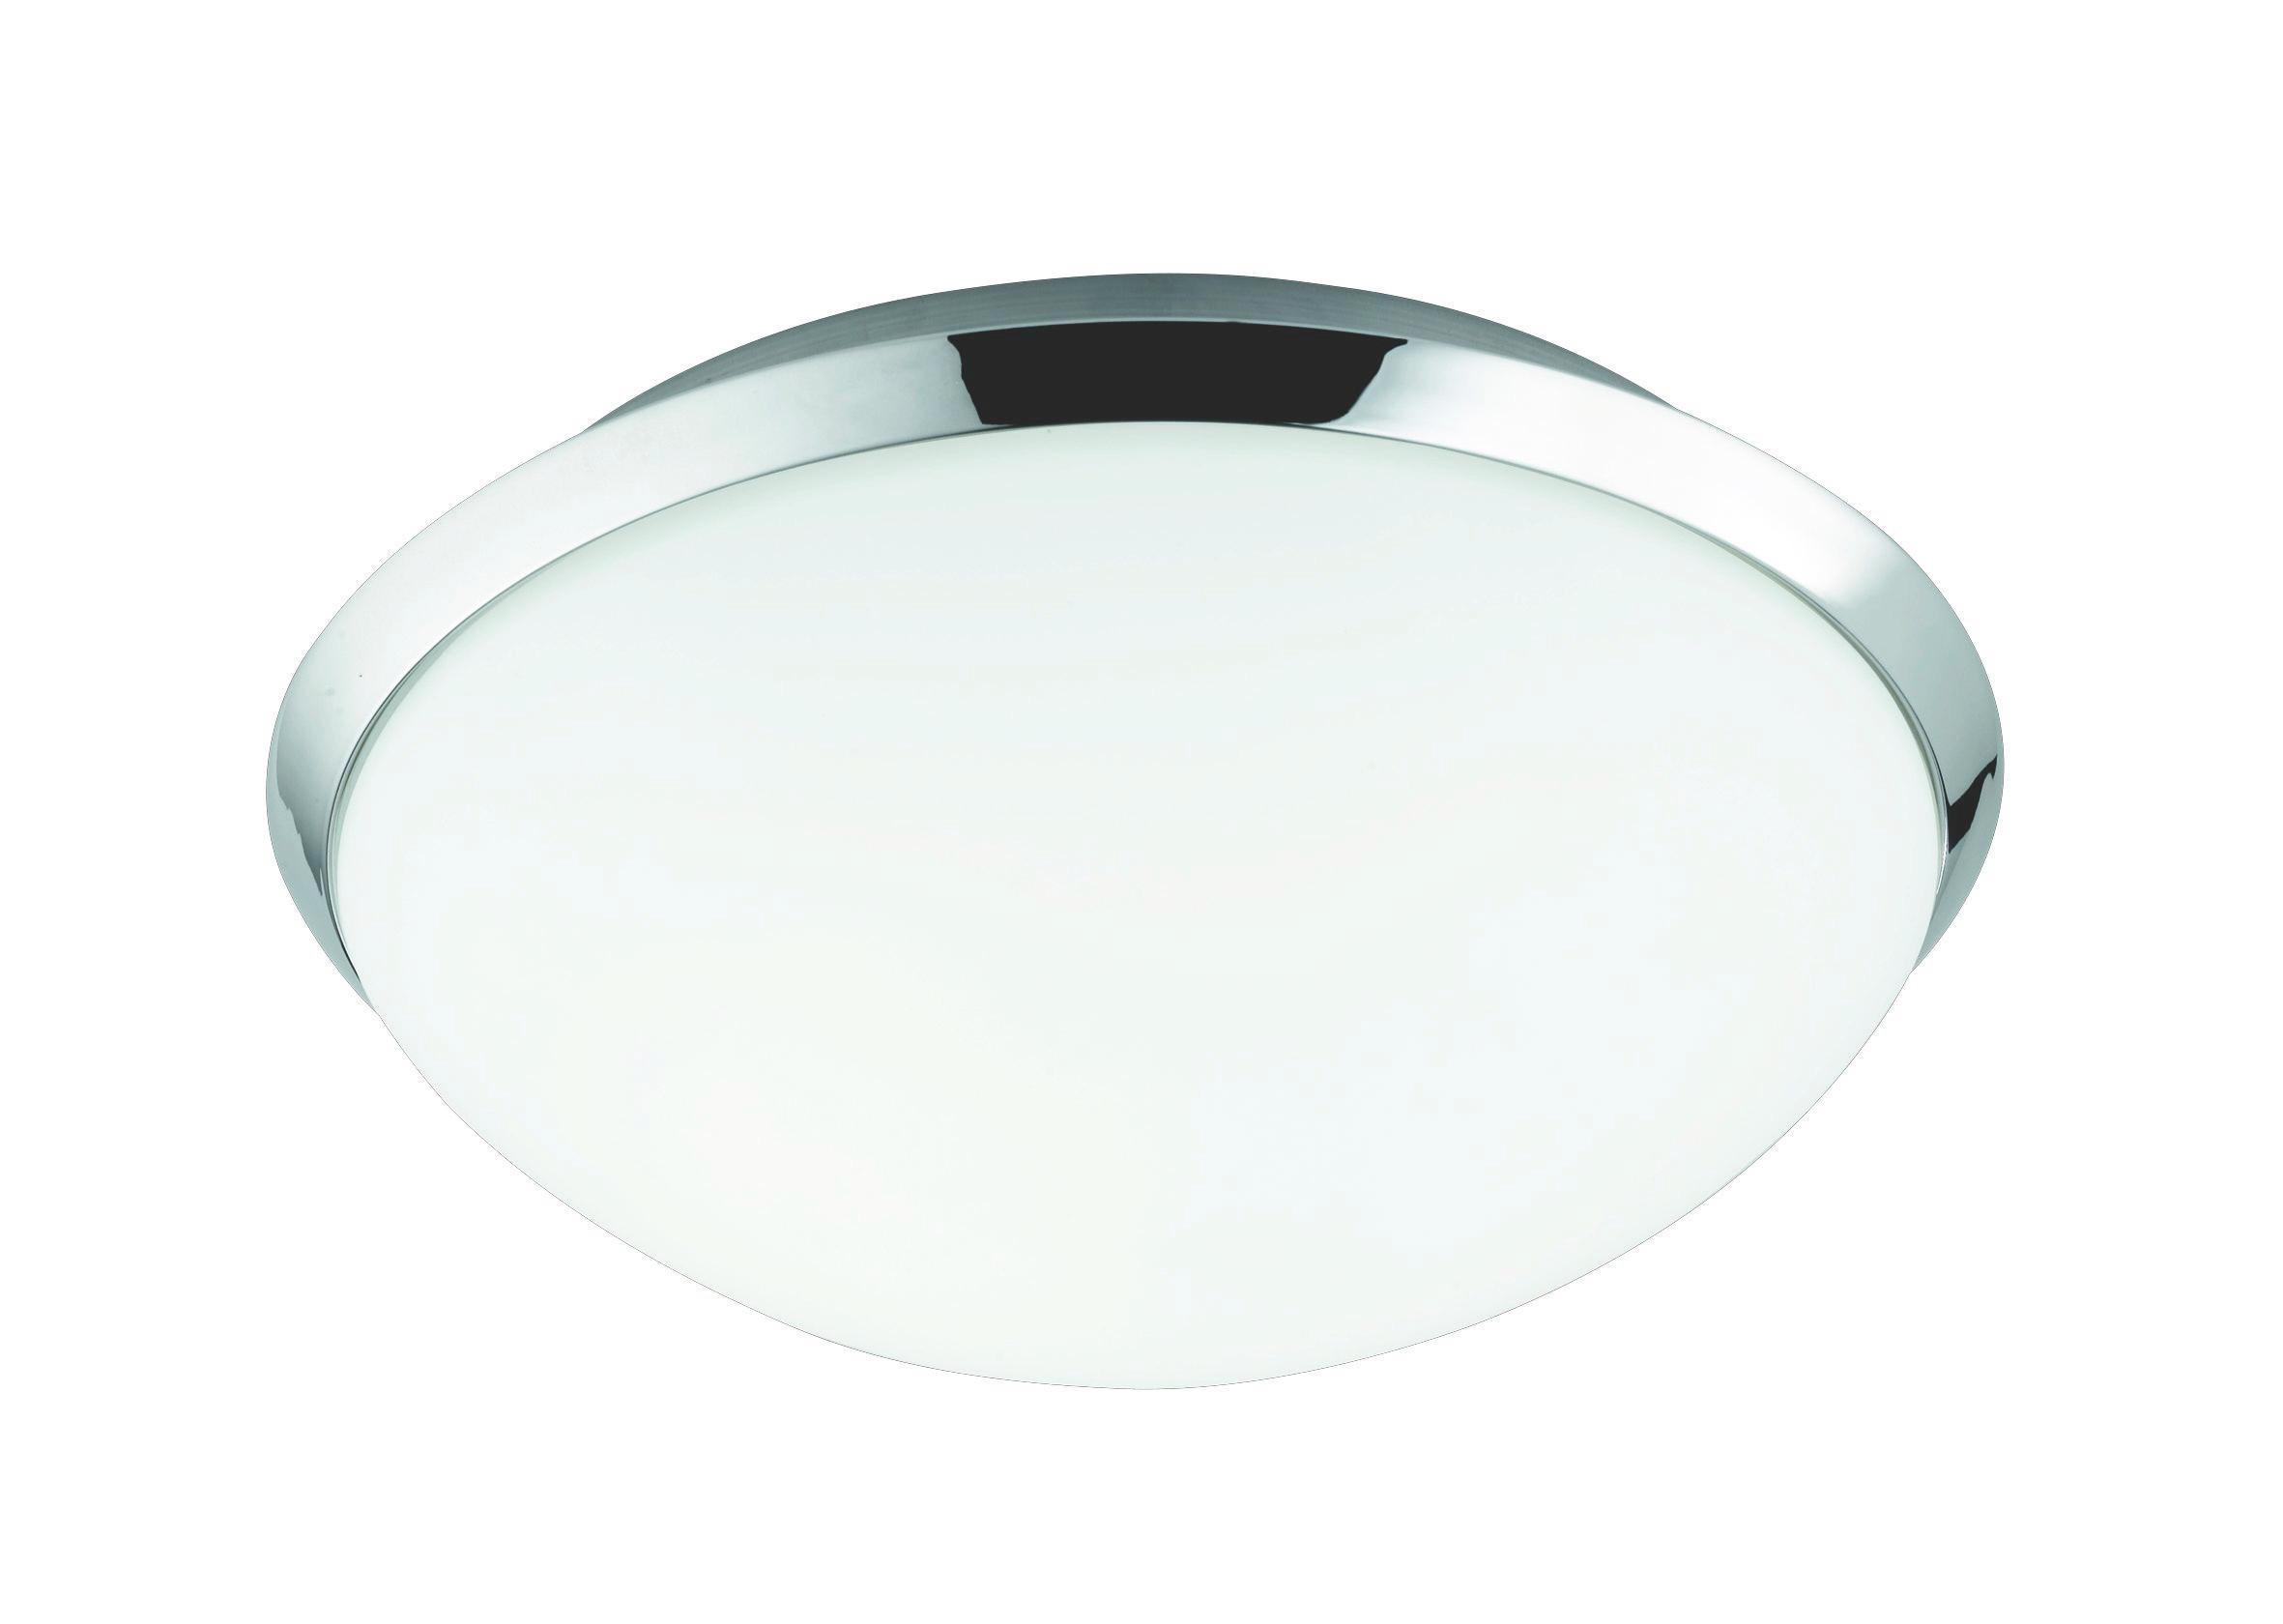 BADEZIMMER-DECKENLEUCHTE - Chromfarben/Weiß, Basics, Metall (25/10.5cm)